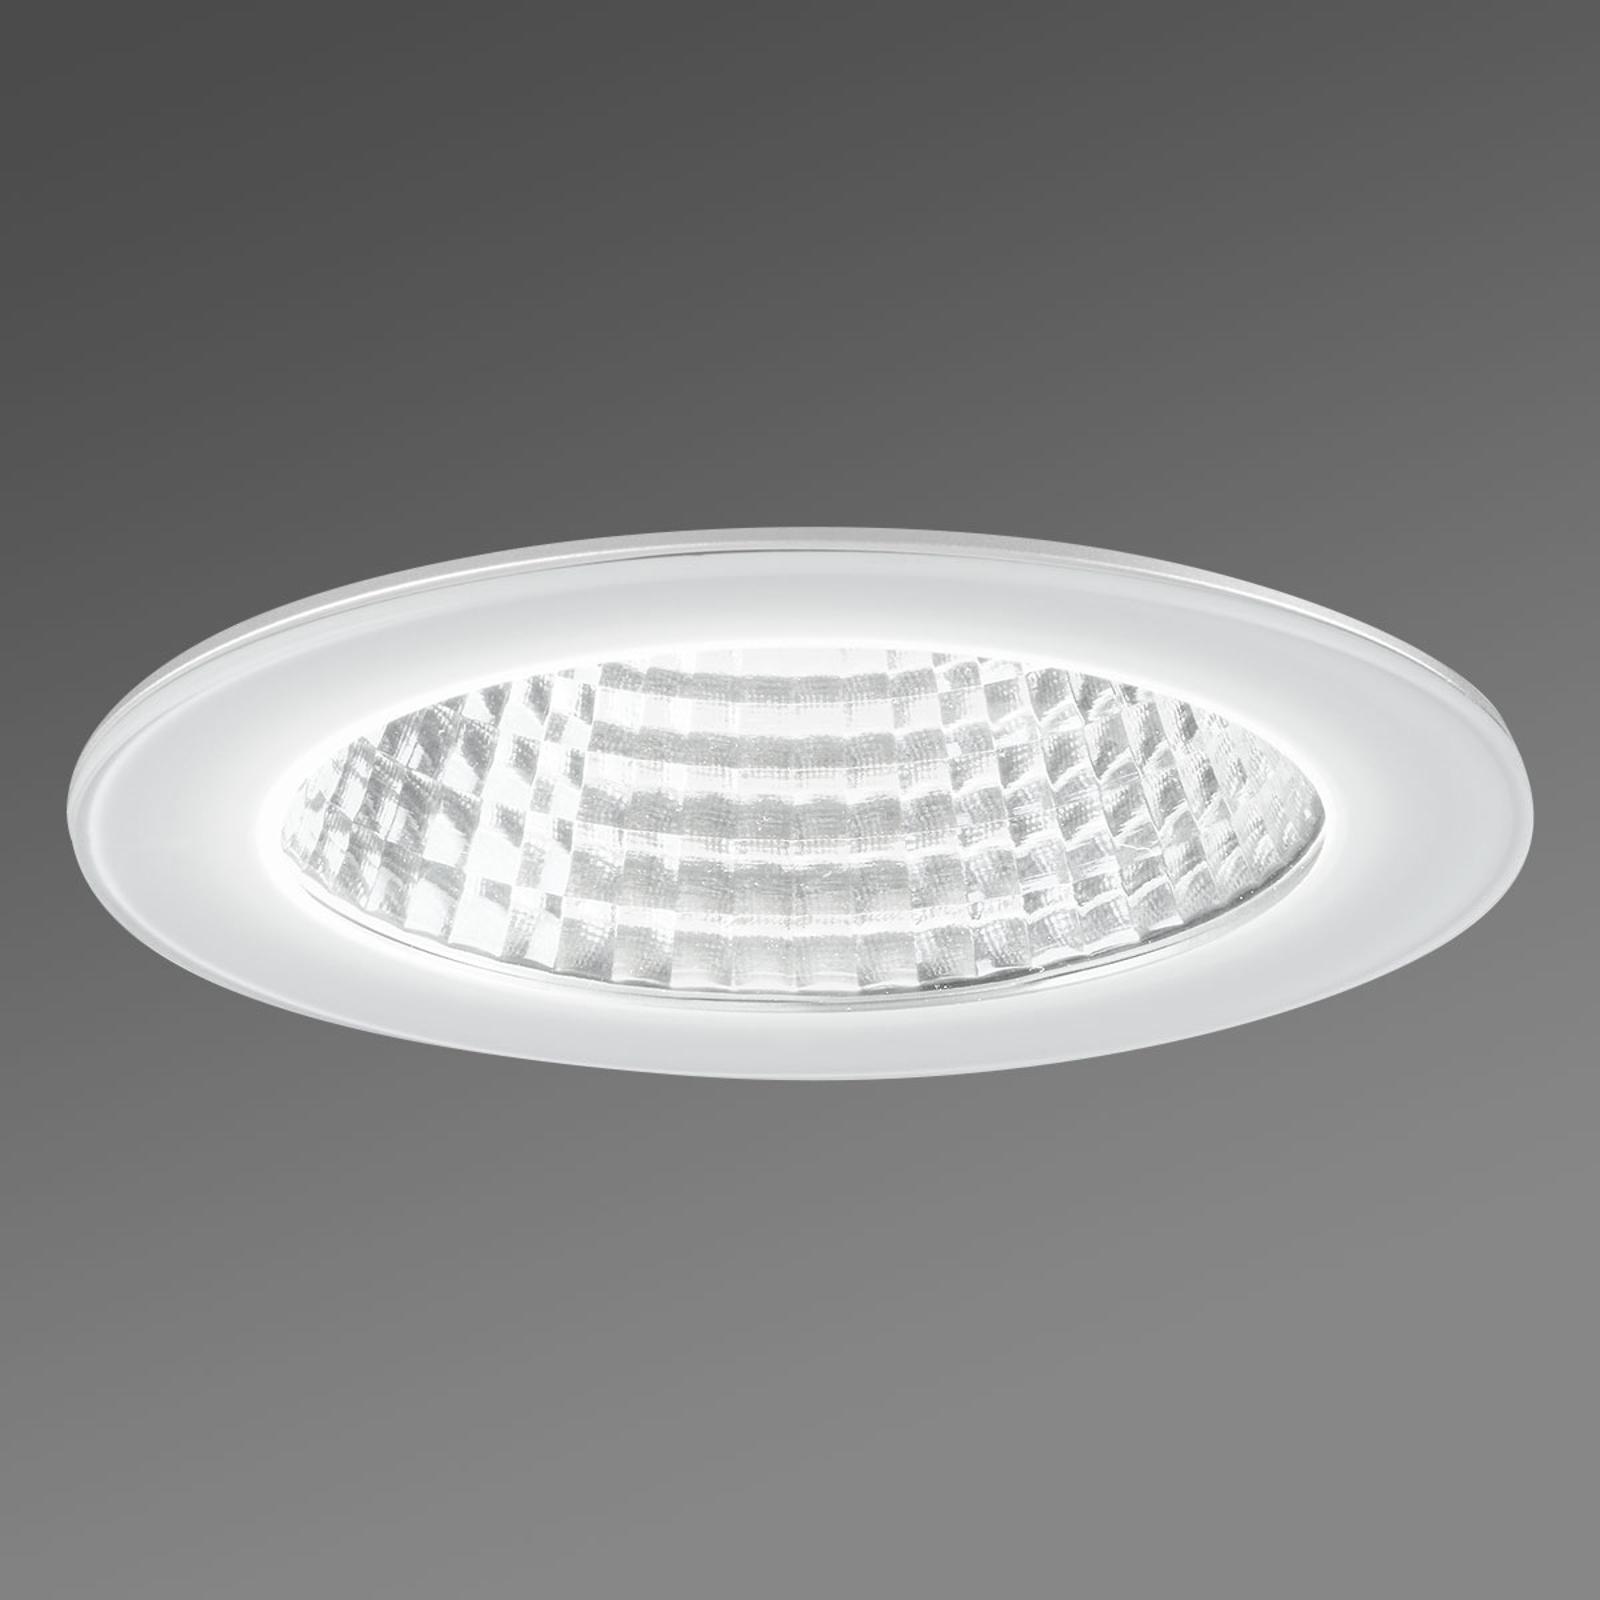 IDown 26 LED-indbygningslampe, stænktæt